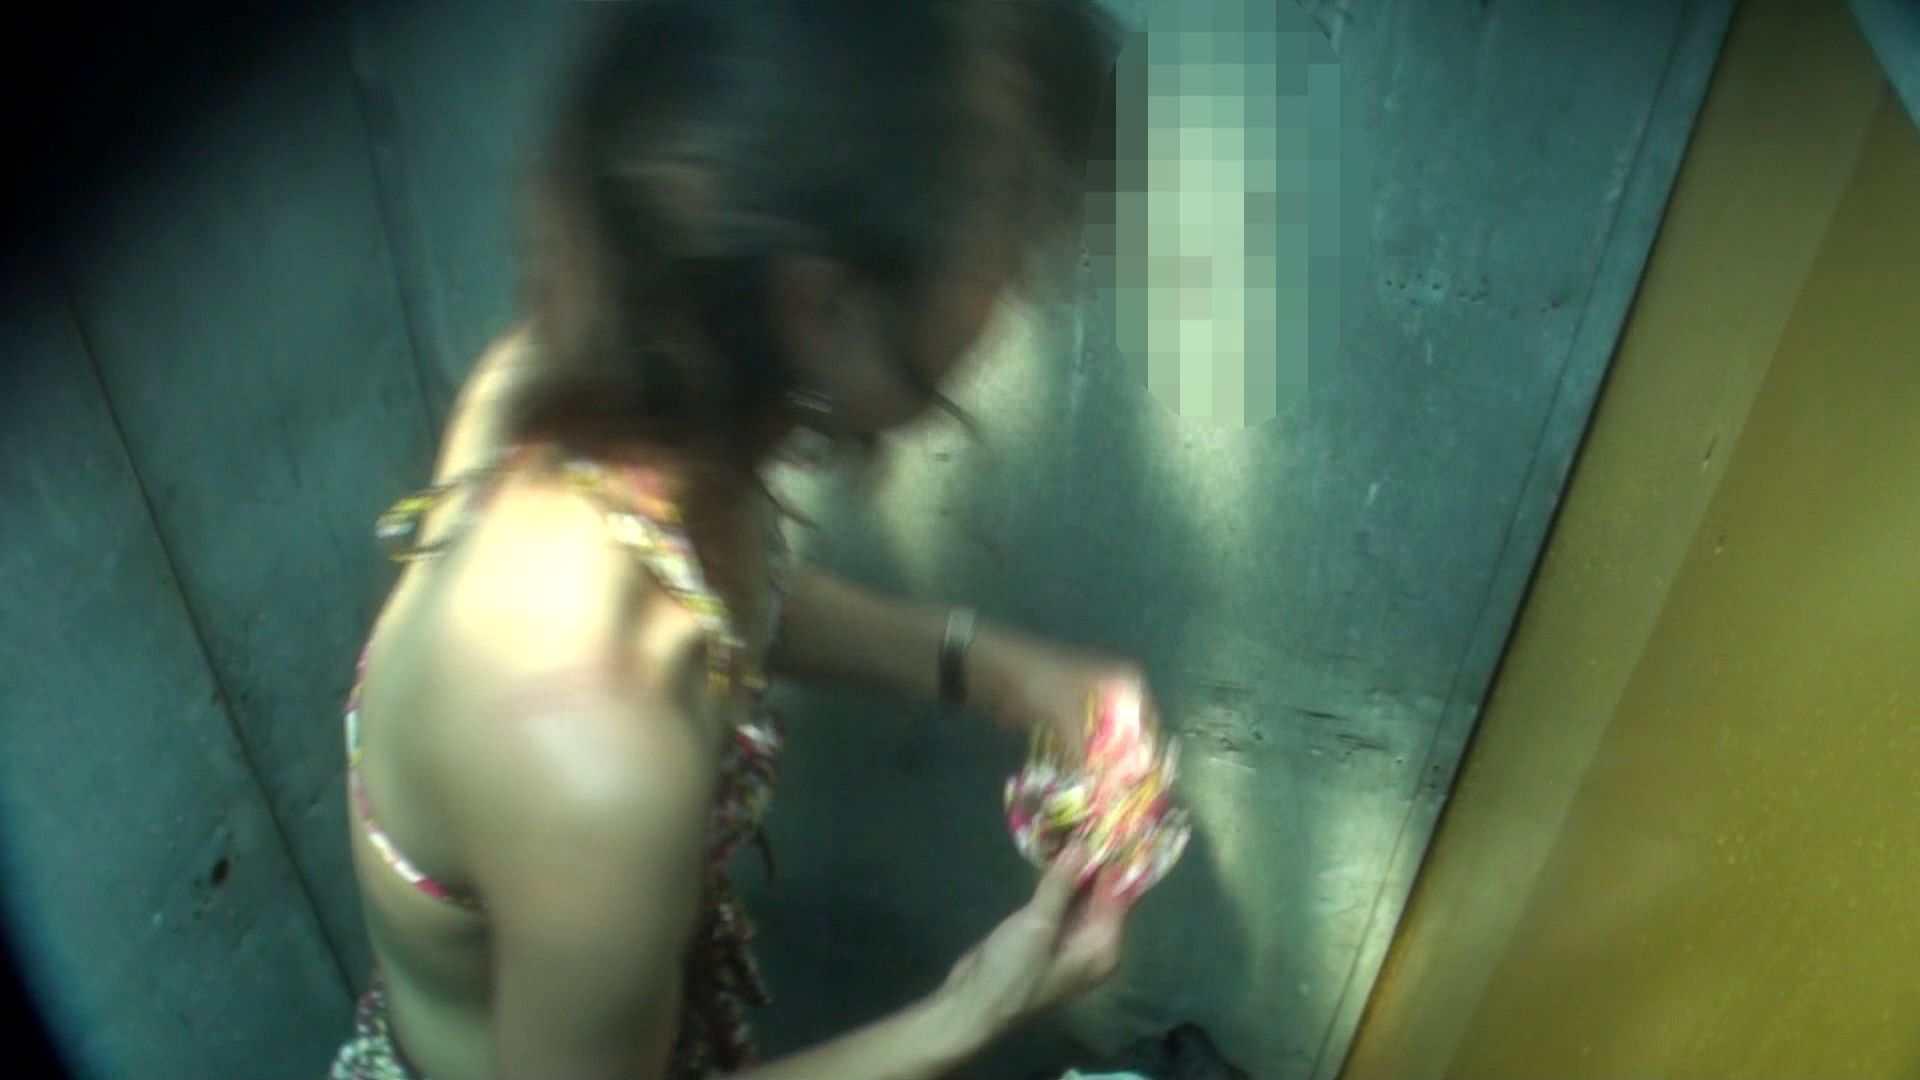 シャワールームは超!!危険な香りVol.16 意外に乳首は年増のそれ エロティックなOL   乳首  105画像 61